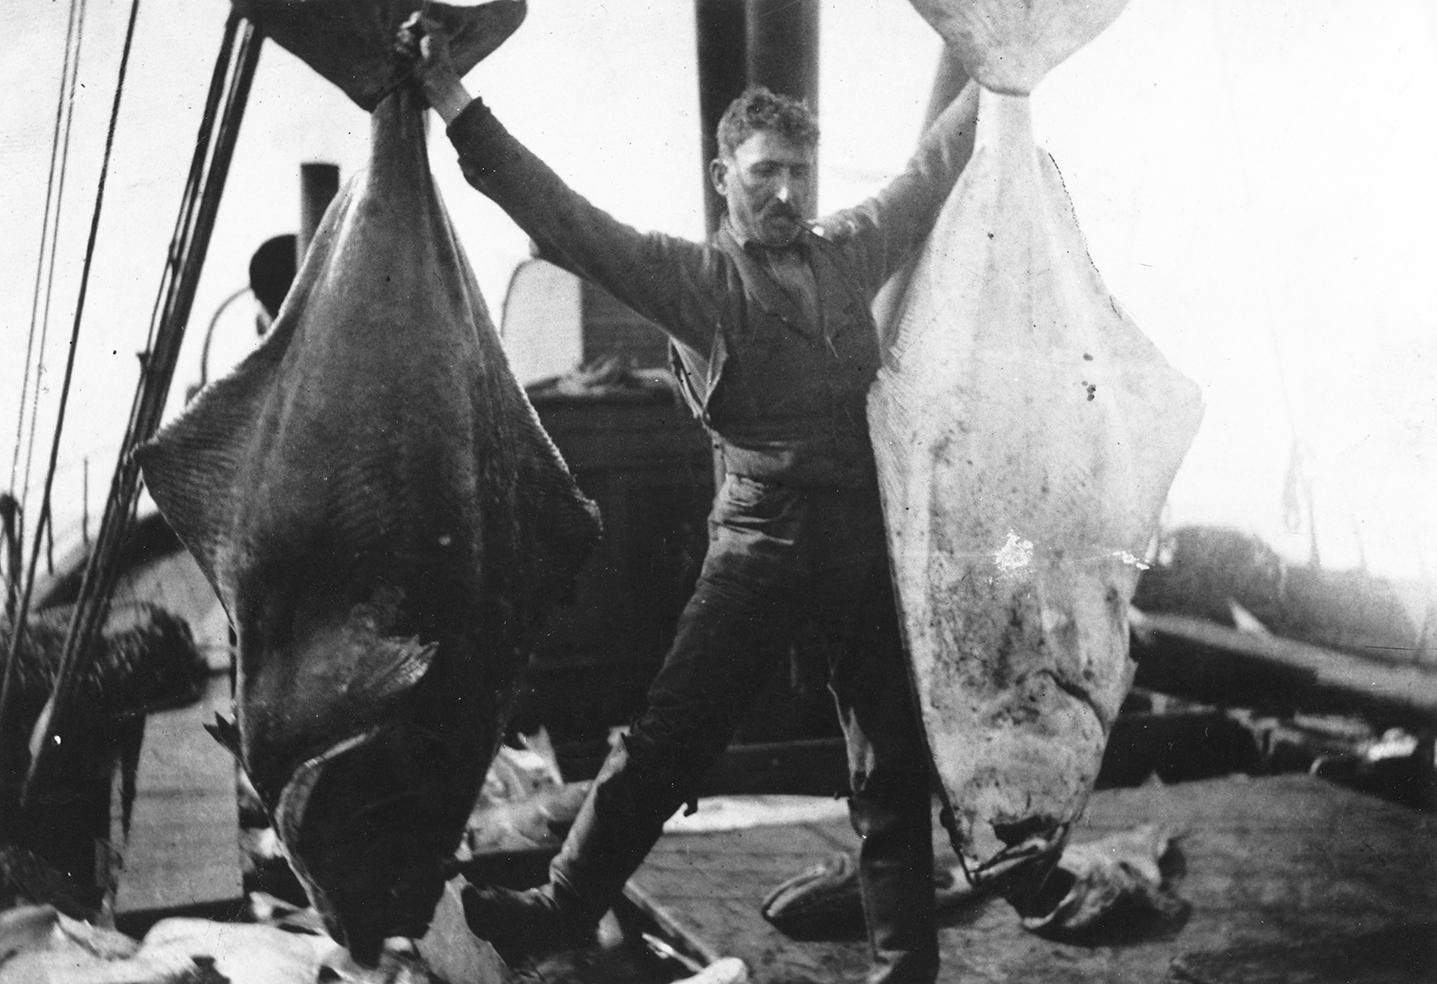 Photo courtesy of Canadian Fishing Company.